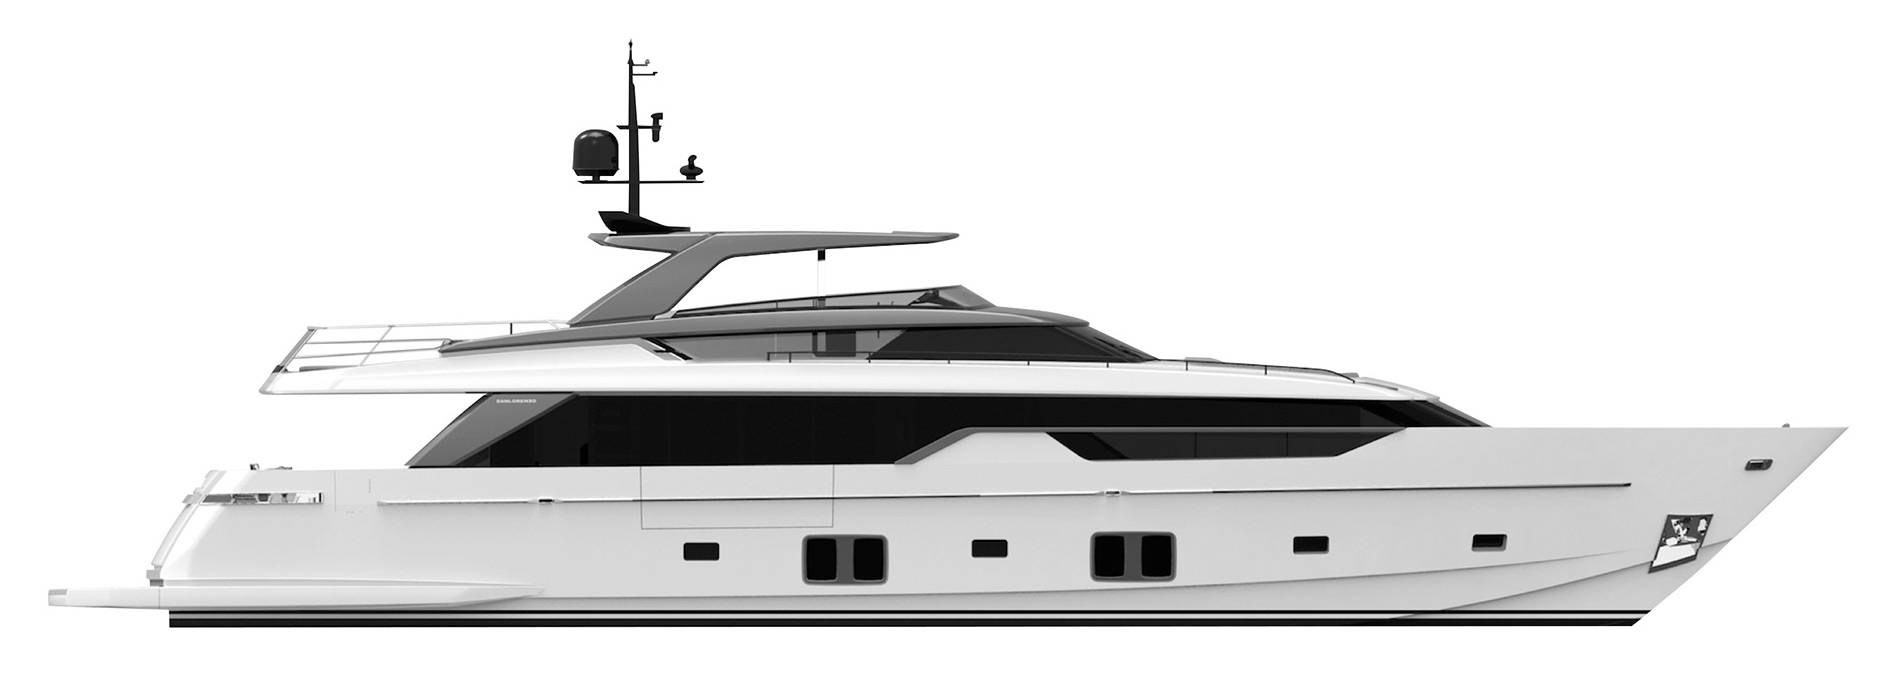 Sanlorenzo Yachts SL102 Asymmetric Profile